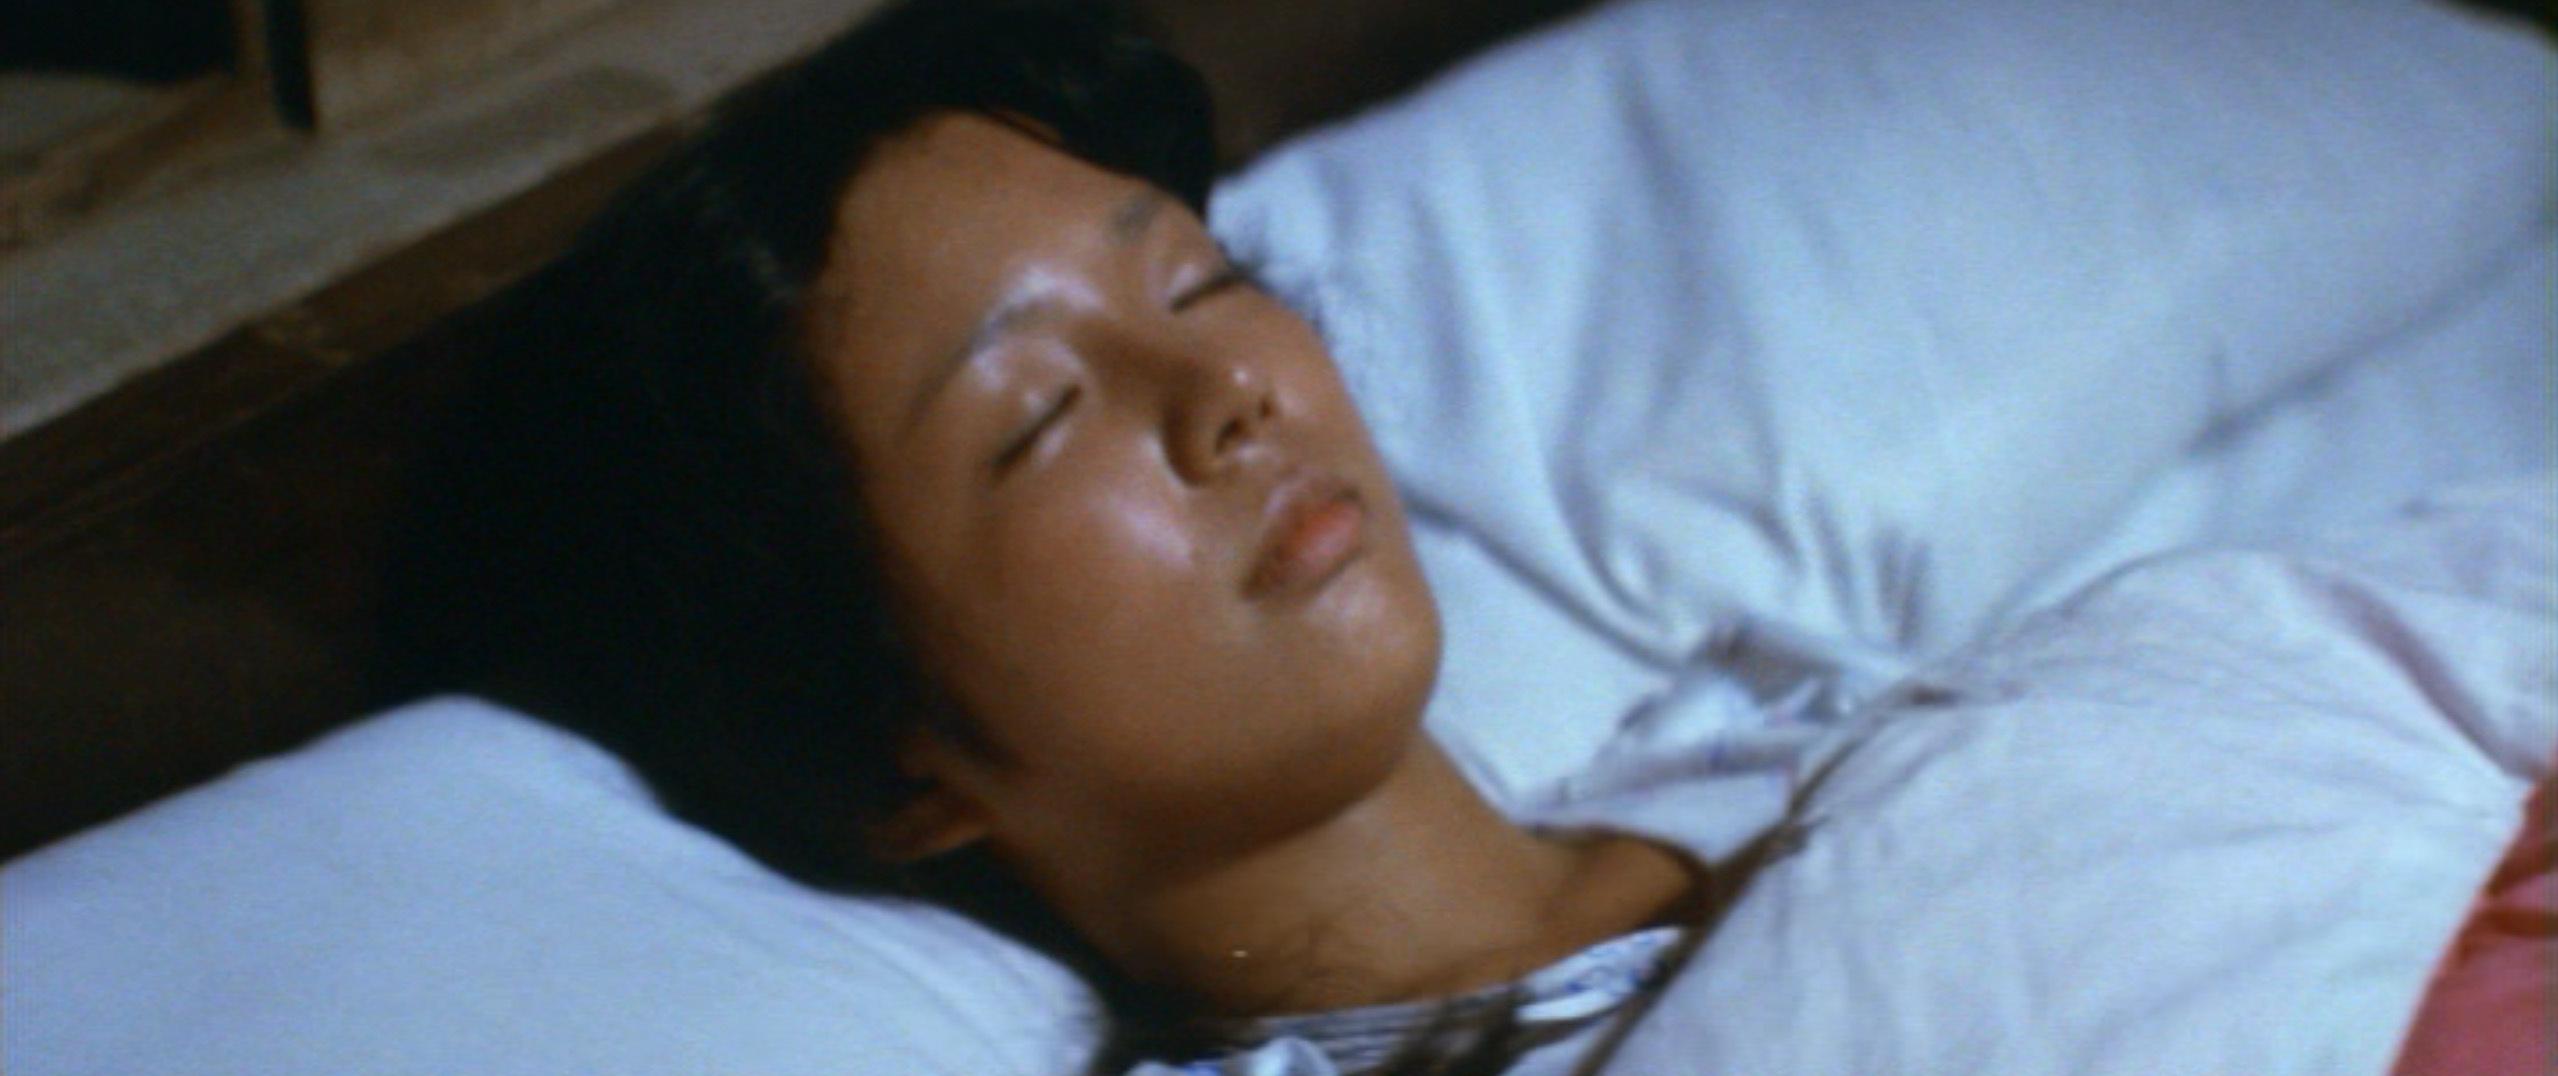 市毛良枝(Yoshie Ichige)「混血児リカ ハマぐれ子守唄」(1973)・・・《前半》_e0042361_20462337.jpg